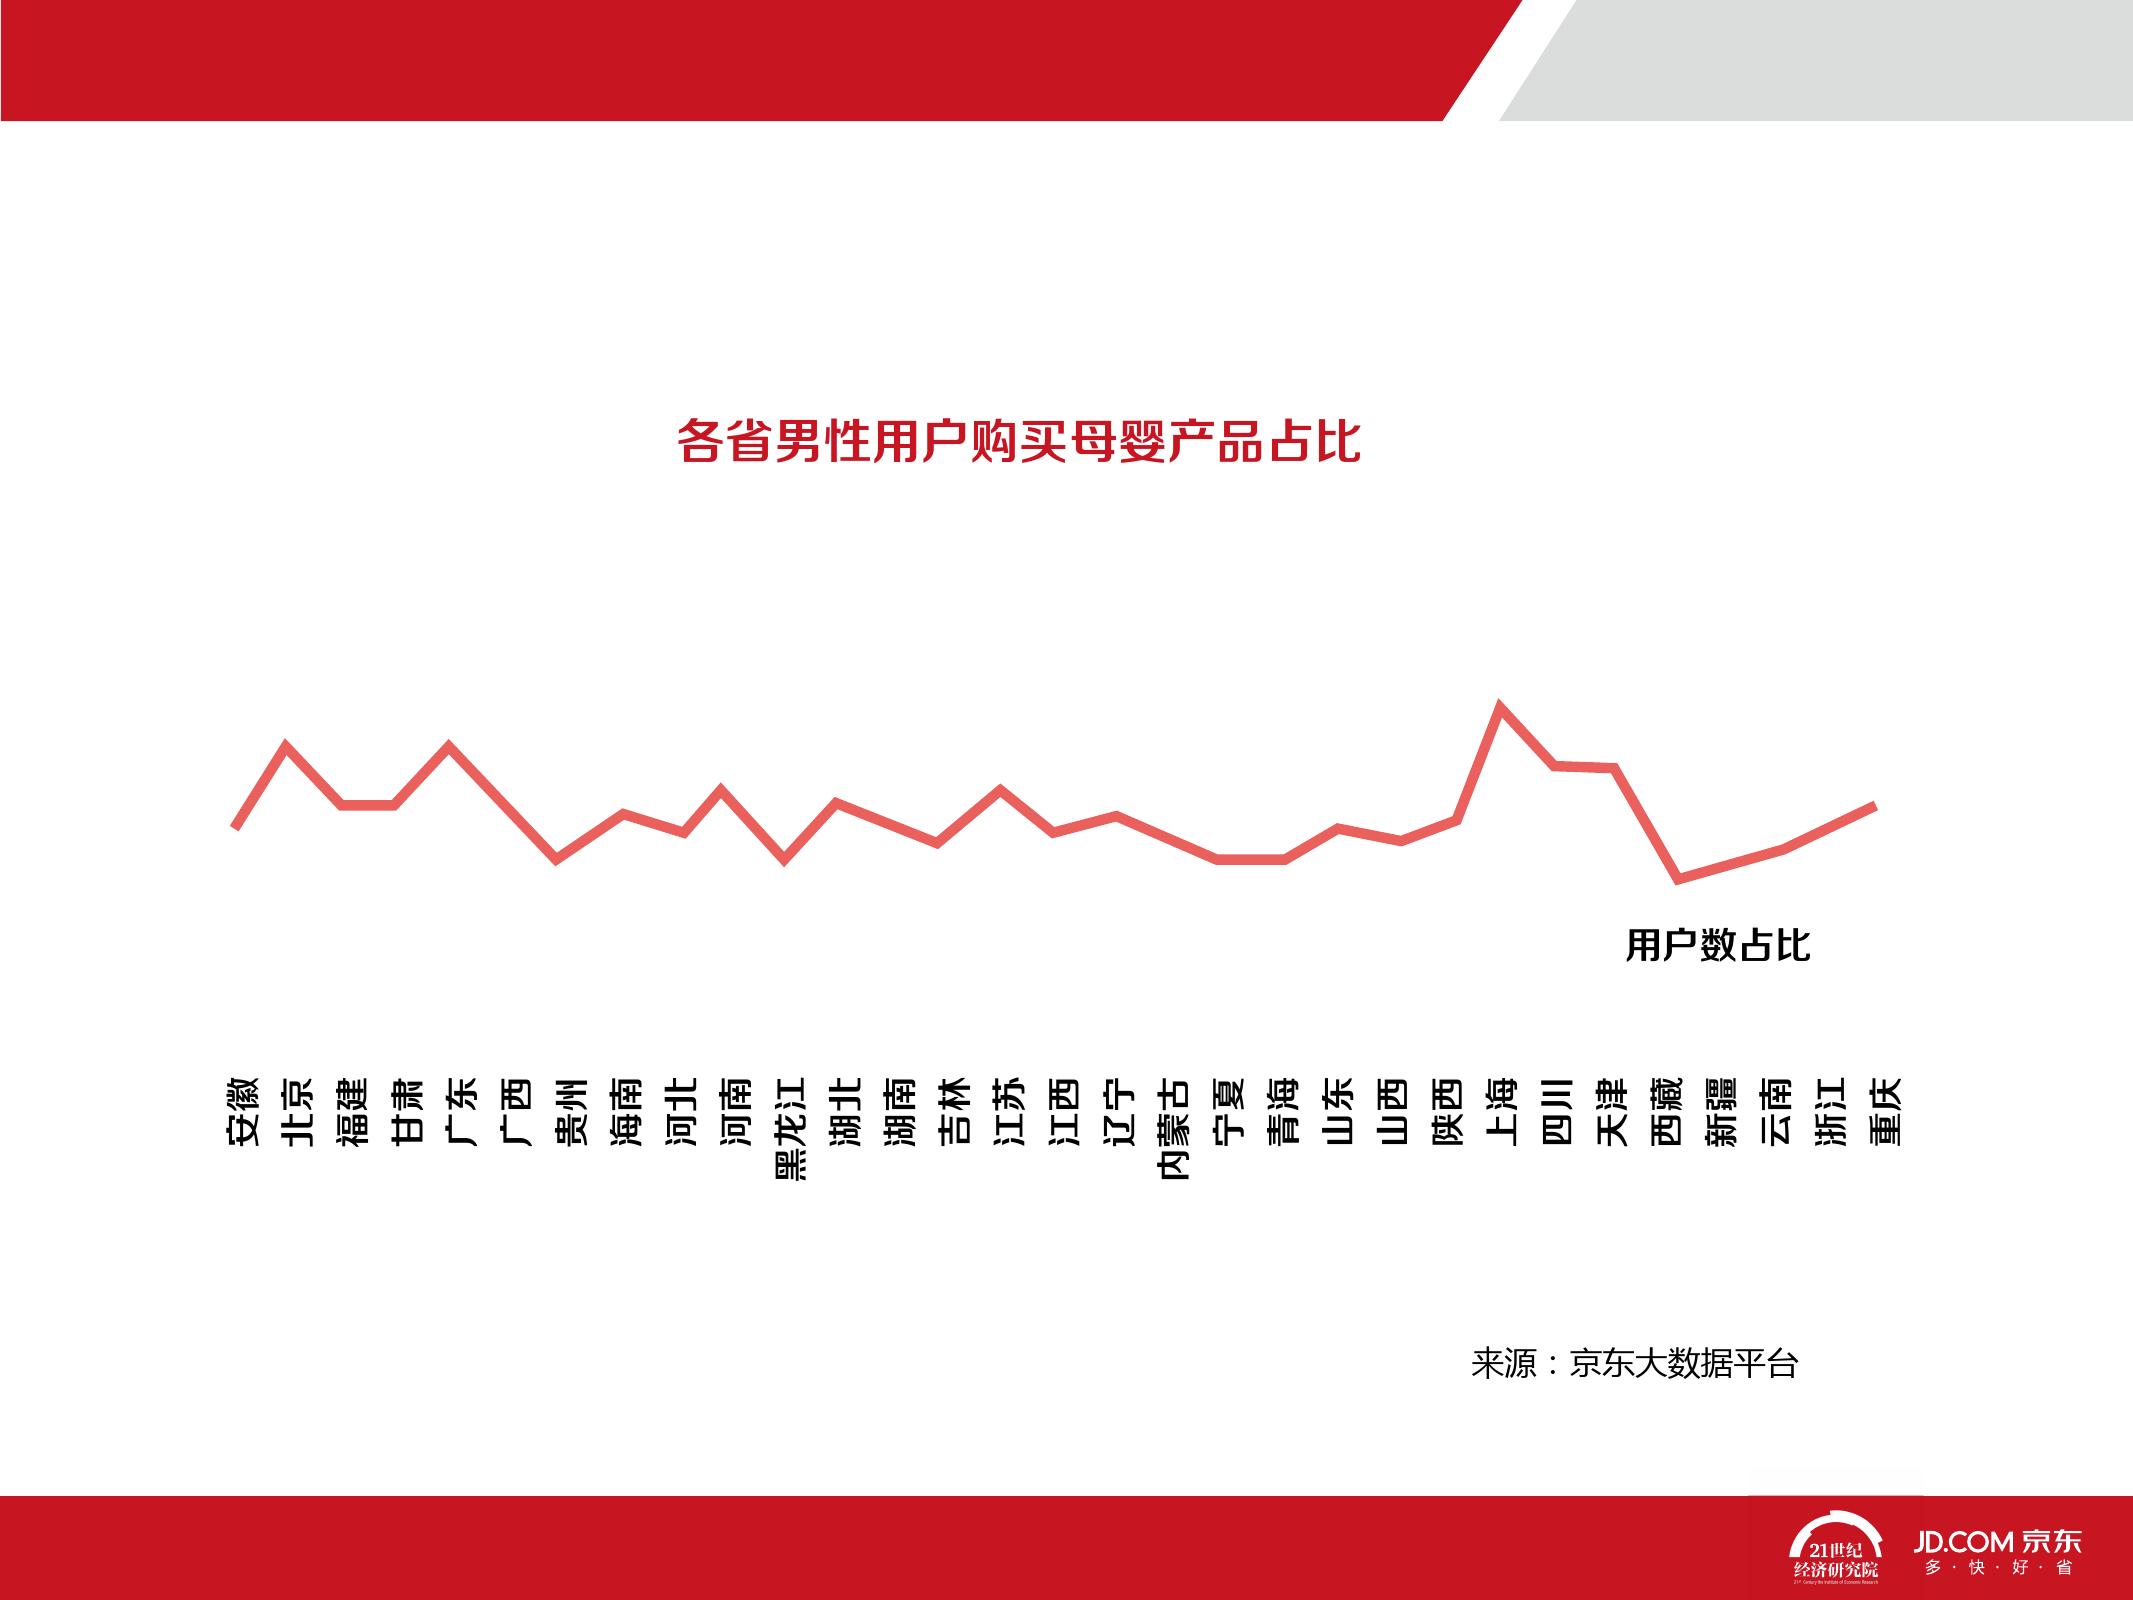 2016中国母婴产品消费趋势报告_000061